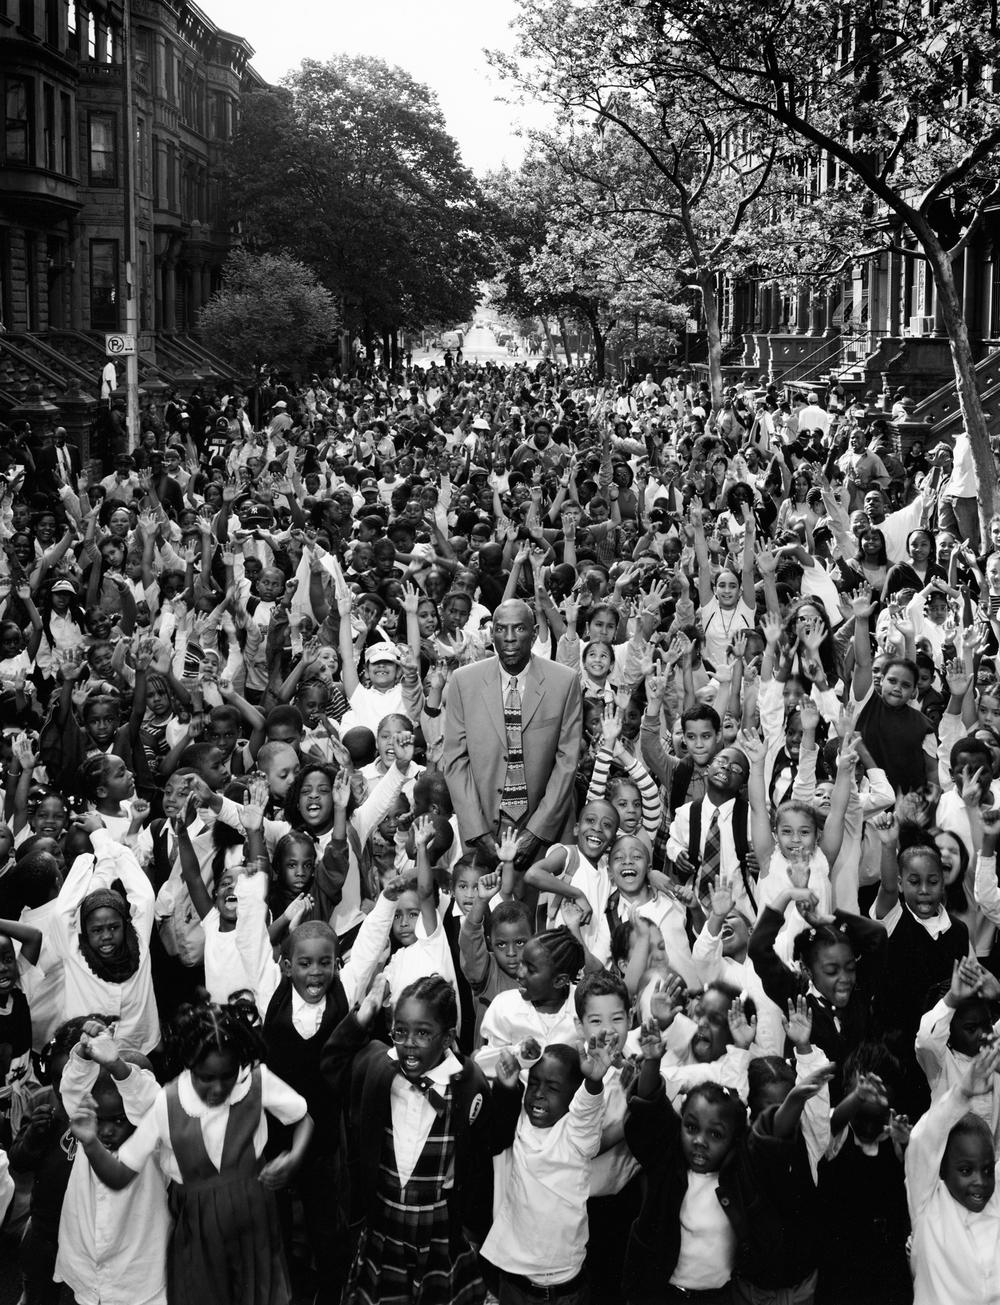 Geoffrey Canada - Harlem, NYC